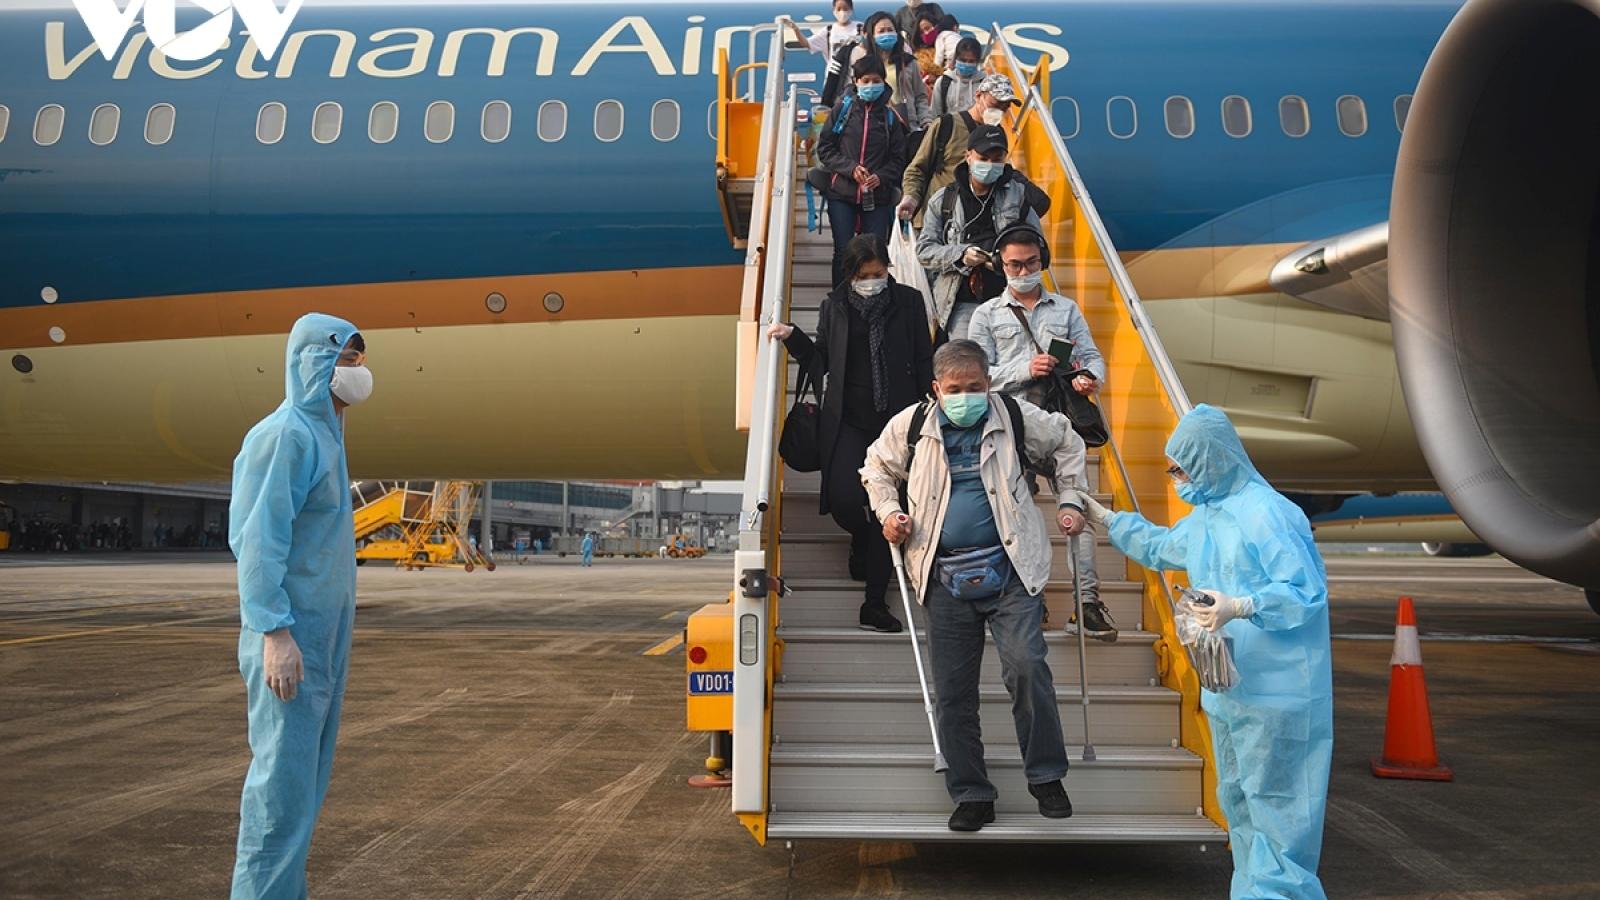 Tiếp viên hàng không lây lan Covid-19 ra cộng đồng: Lỗ hổng từ việc cách ly tại nhà